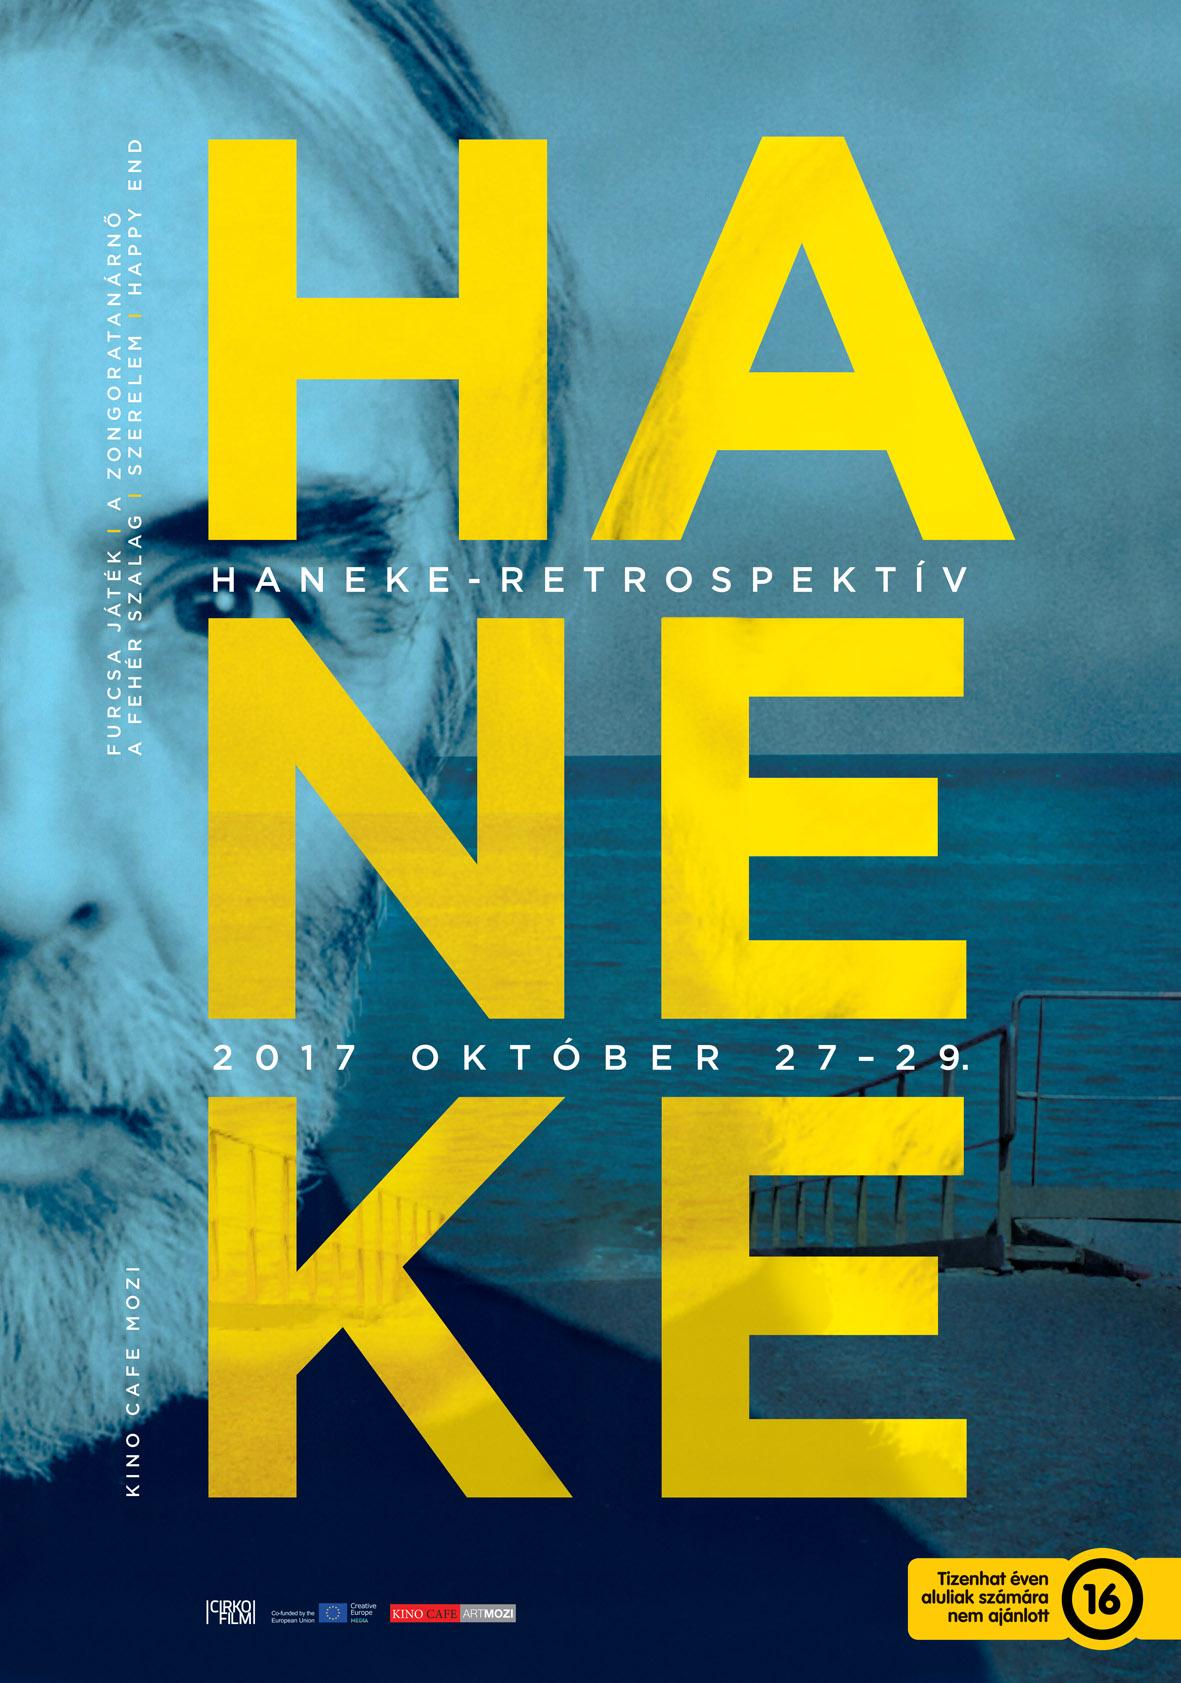 Haneke_B1